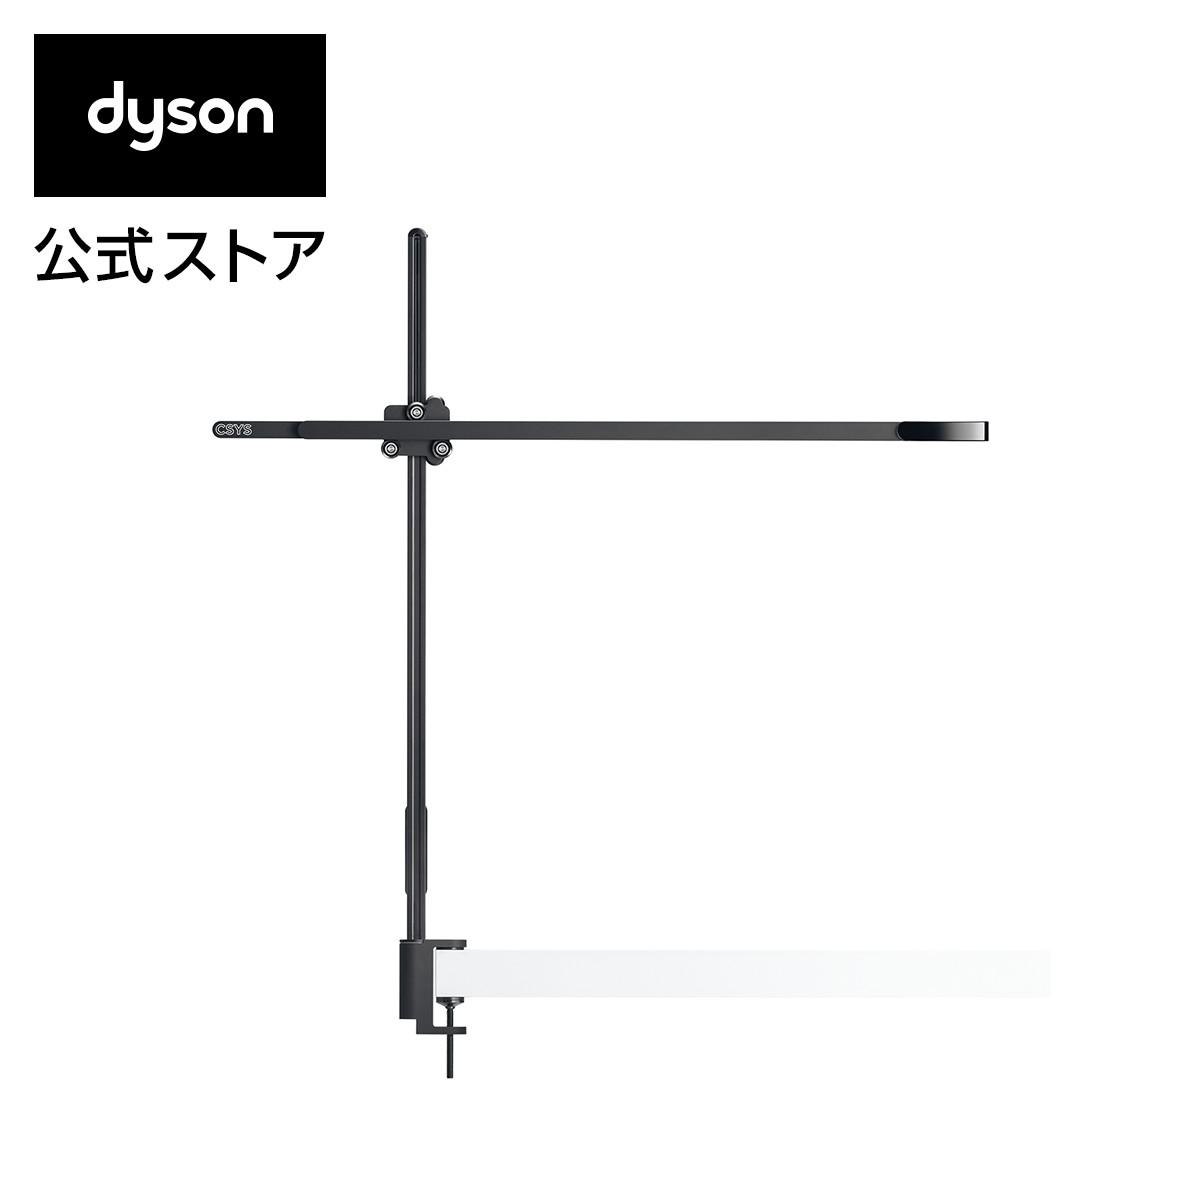 ダイソン Dyson CSYS Clamp LED照明器具 取付型 ライト CSYS CLAMP BK BK ブラック/ブラック 【訳あり品・新品未使用/メーカー2年保証】